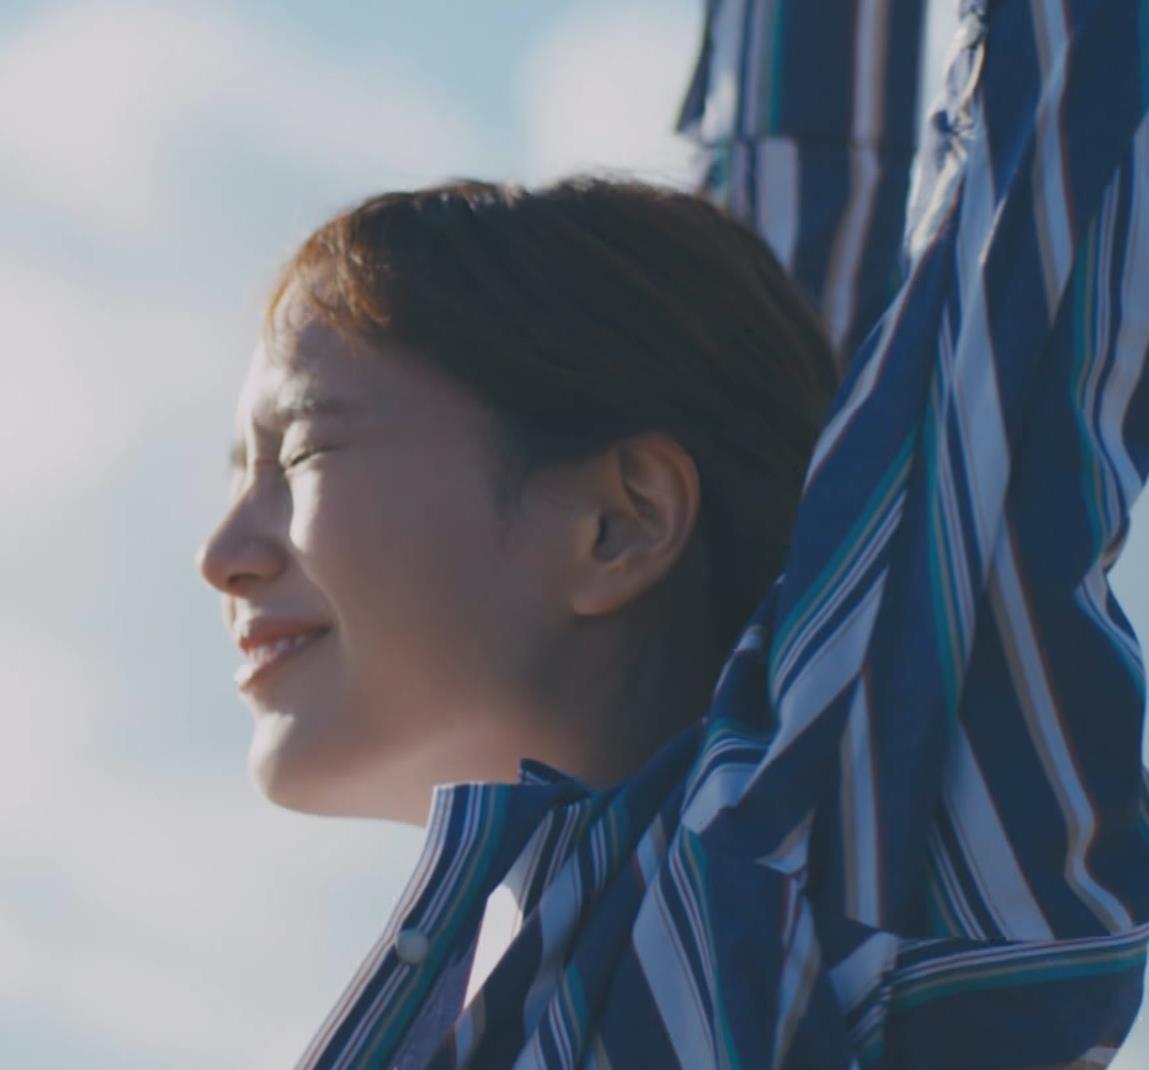 本田翼 胸を張ってエロい横乳(おっぱい)キャプ・エロ画像3